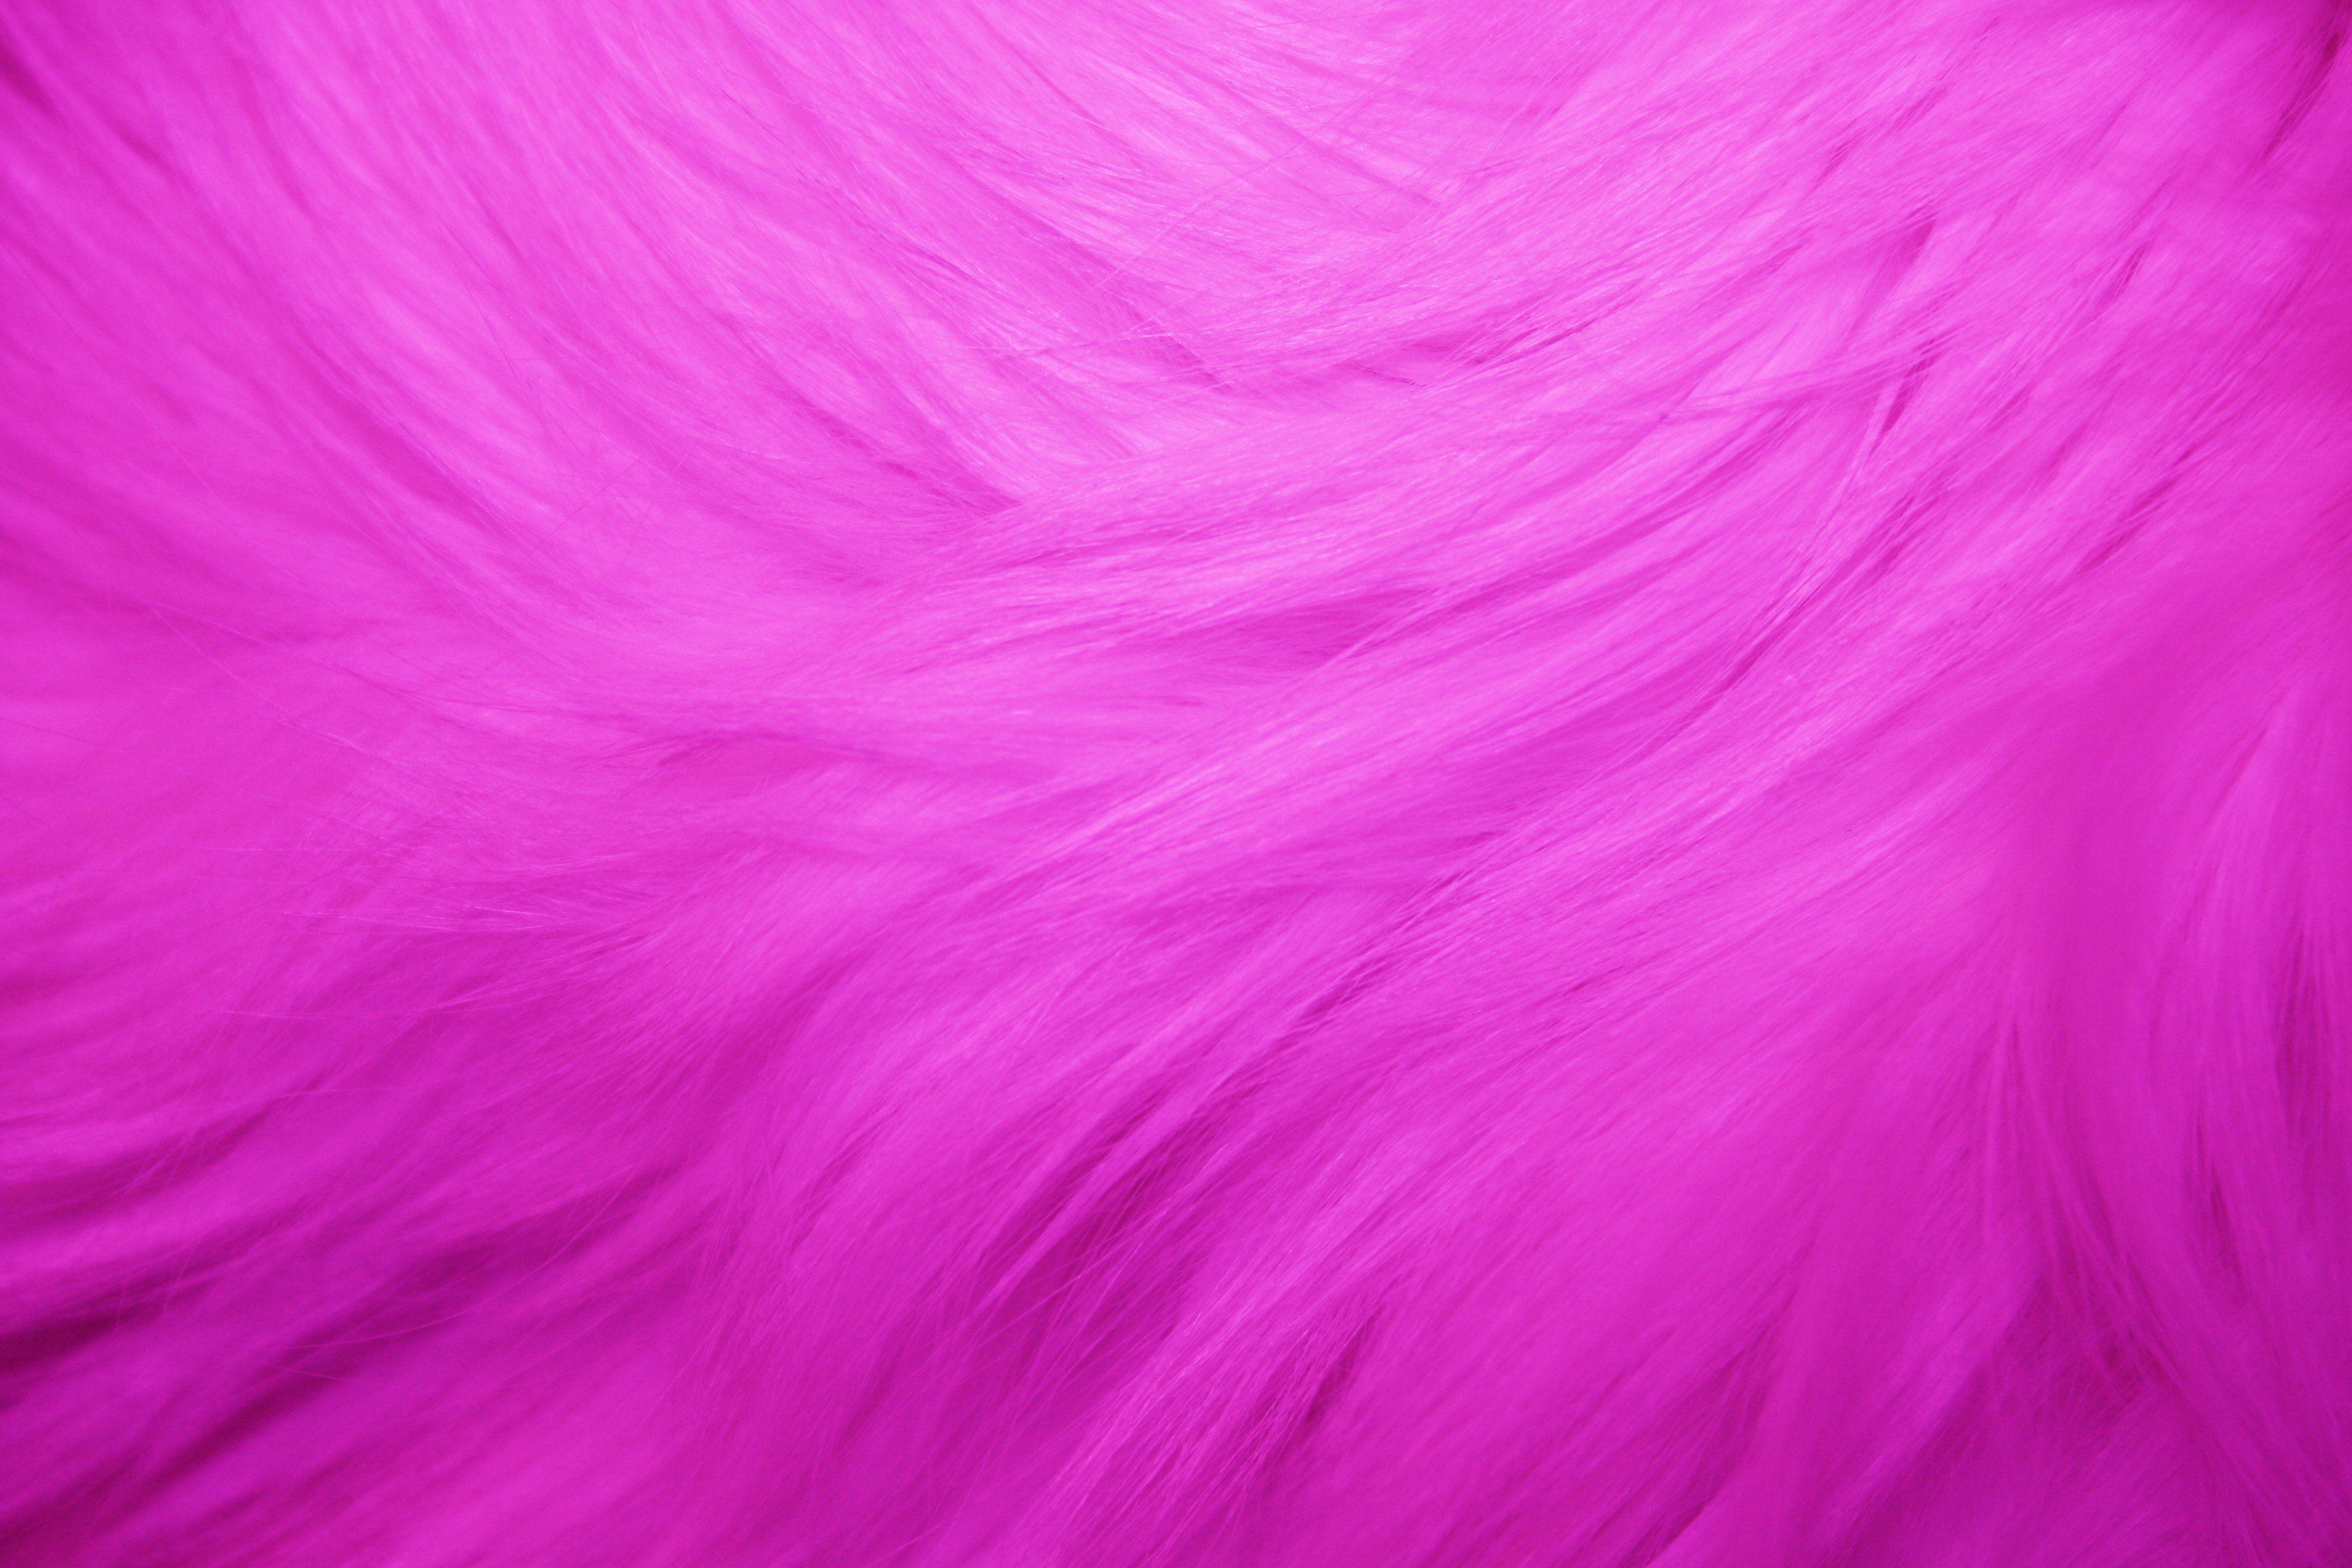 материалам картинки для фона розовый цвет запрет